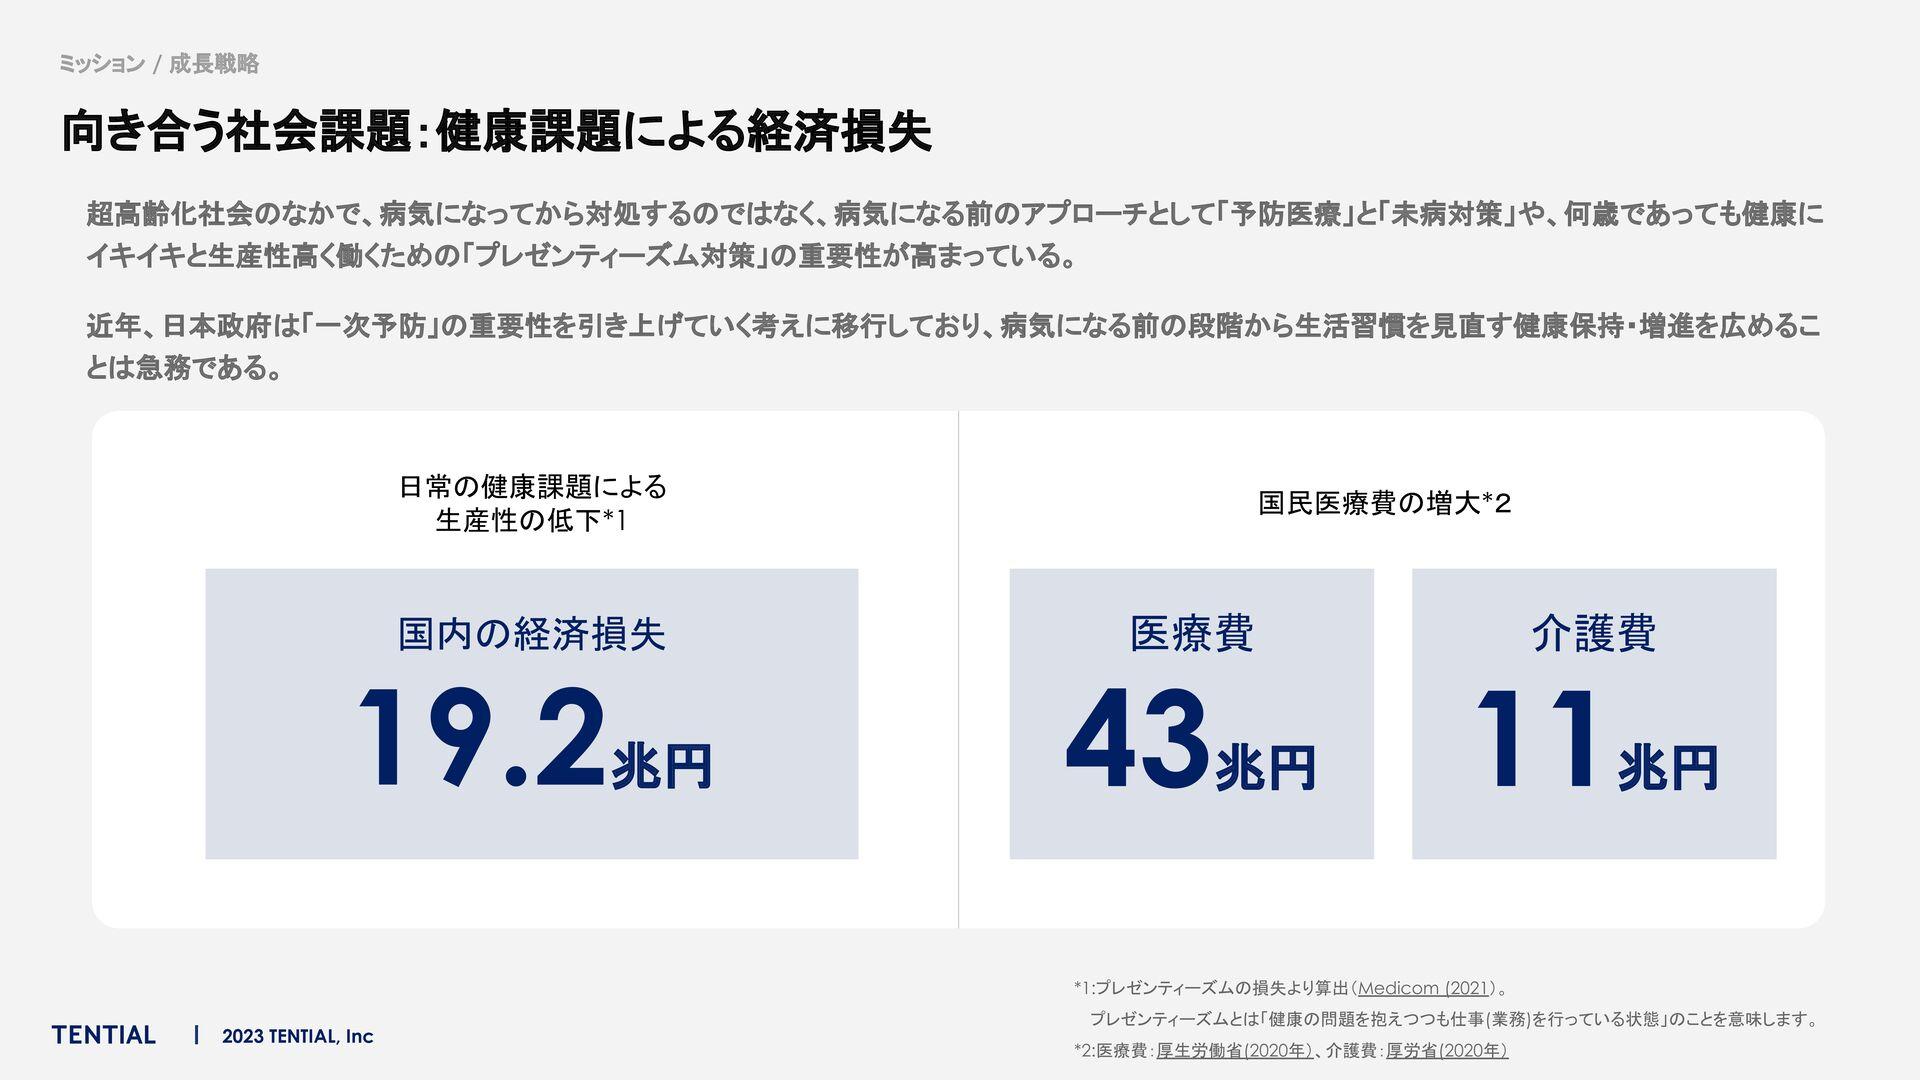 社名 株式会社TENTIAL 設立 2018年2月 資本金 1億円 所在地(本店) 東京都渋谷...